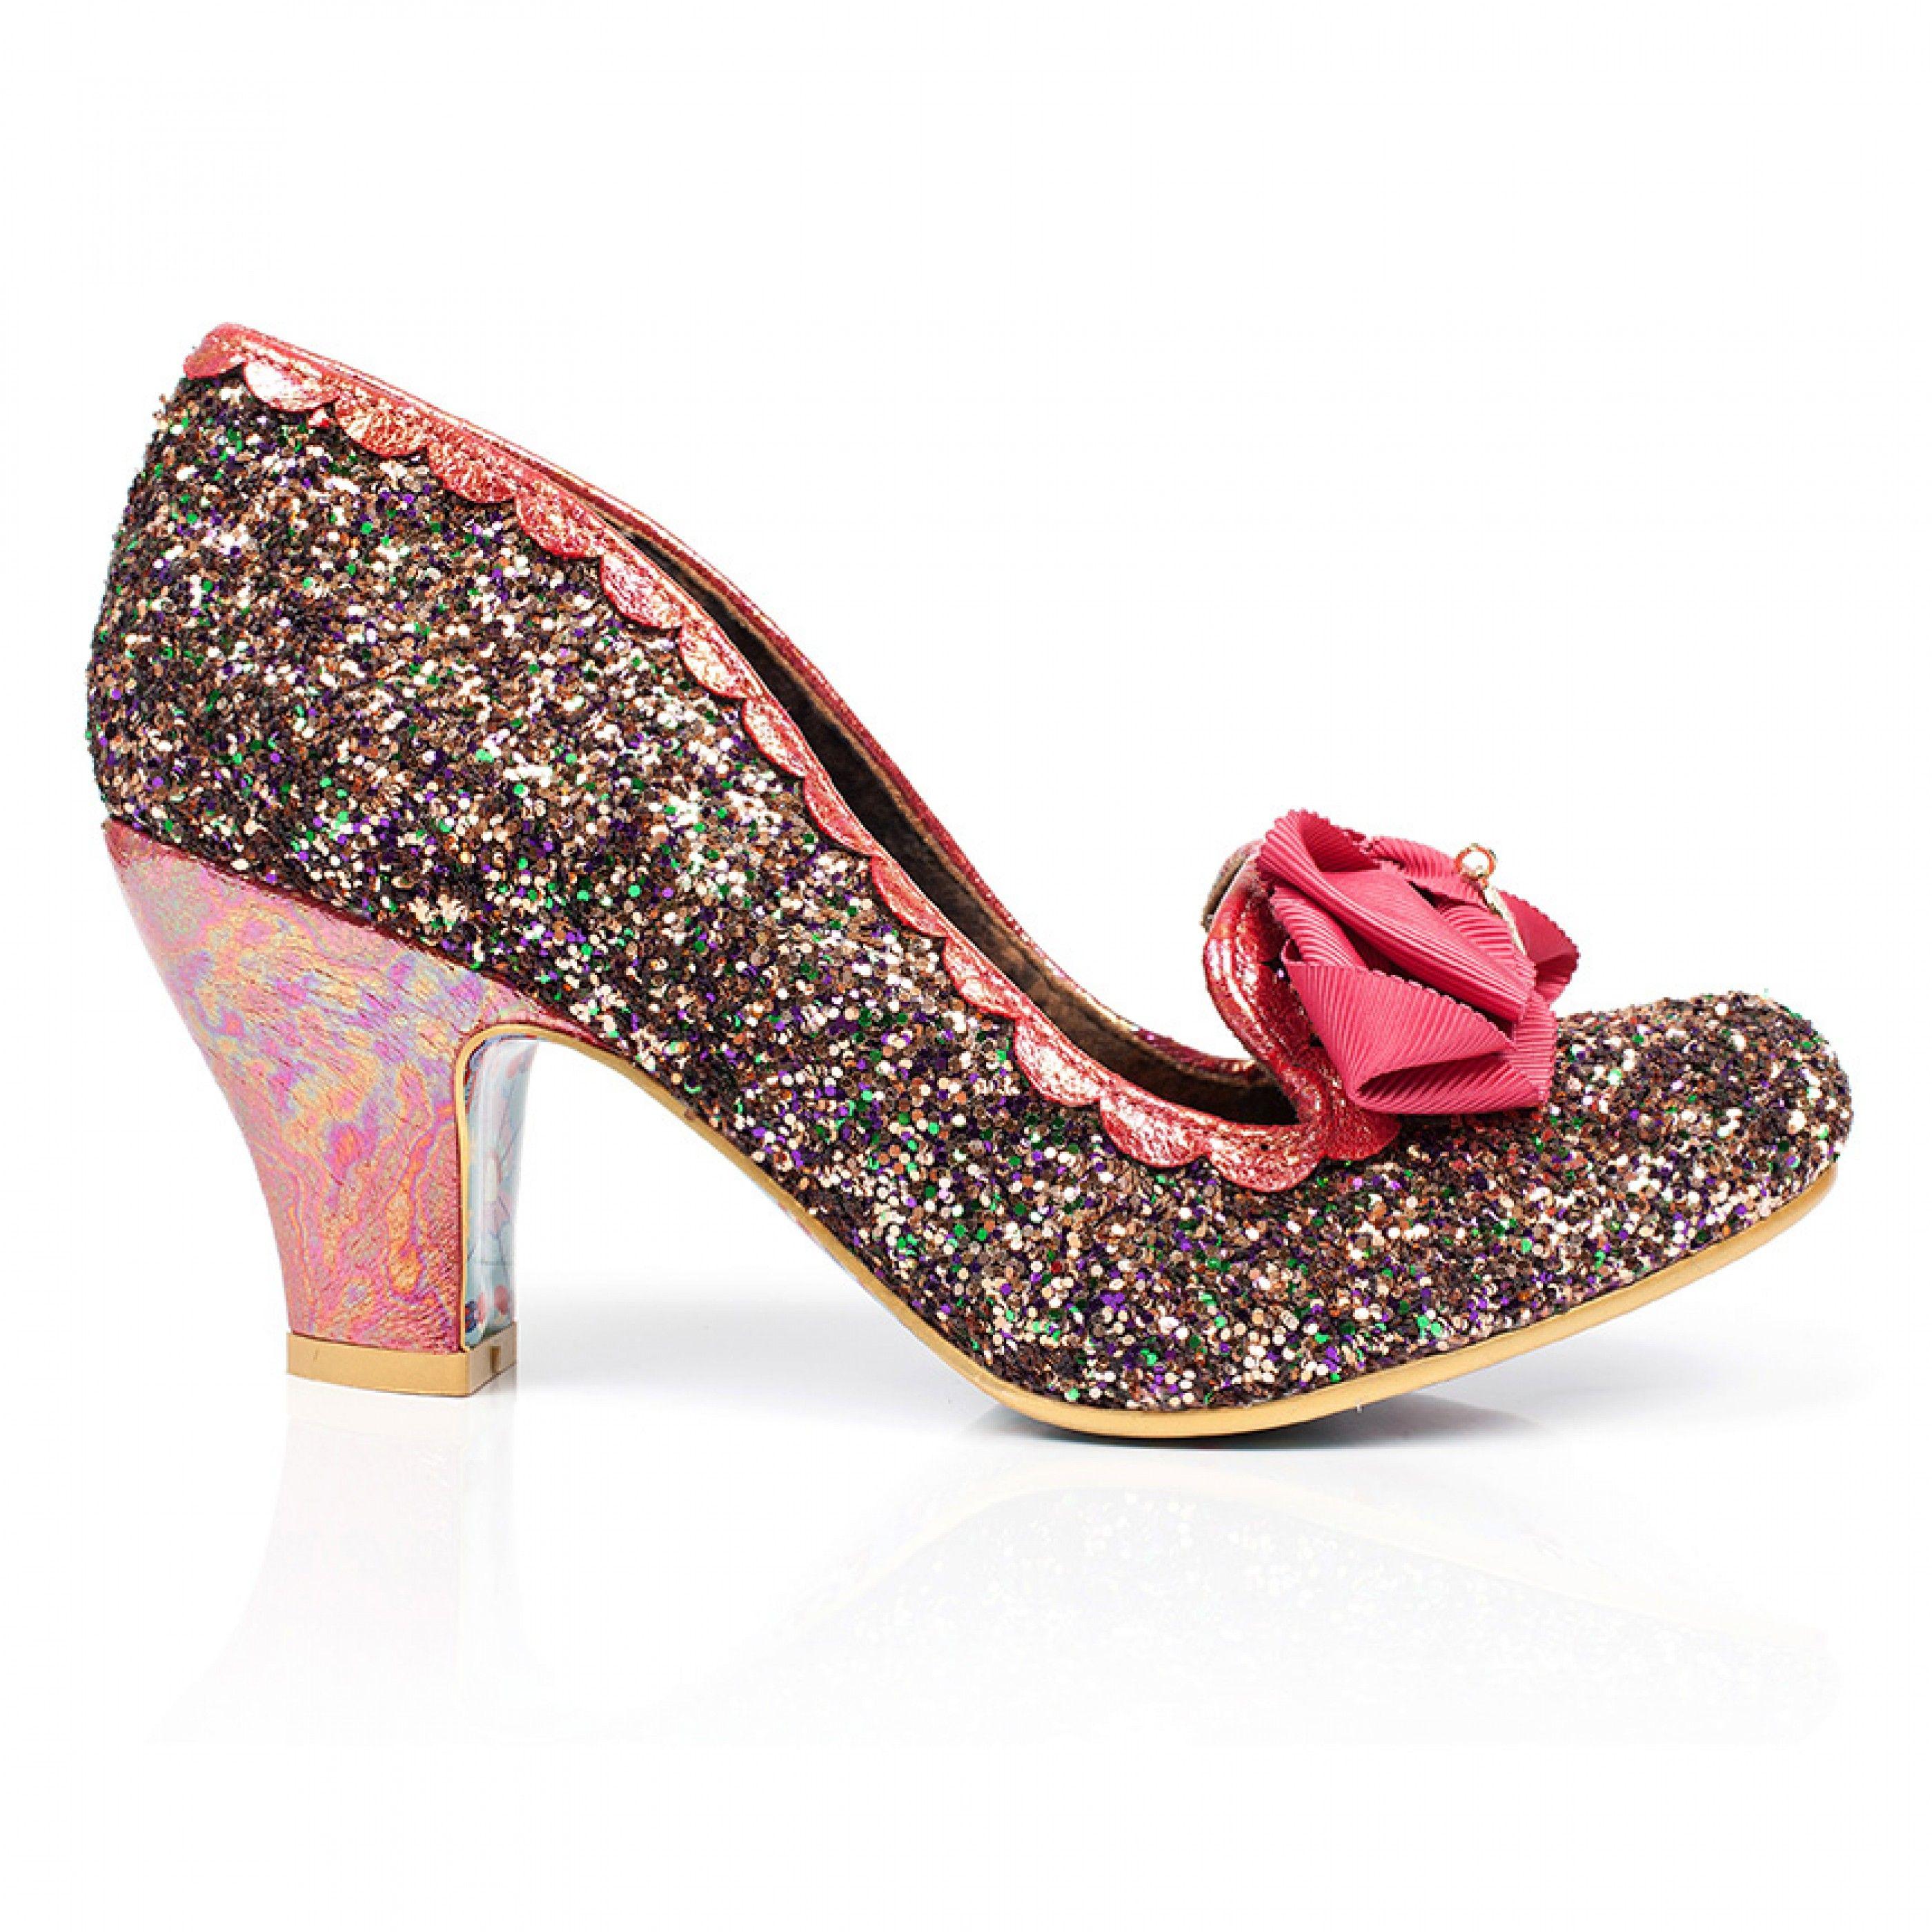 d89d6d1e34e Irregular Choice - Kanjanka | OXFORD Heels/ bow block heel | Heels ...